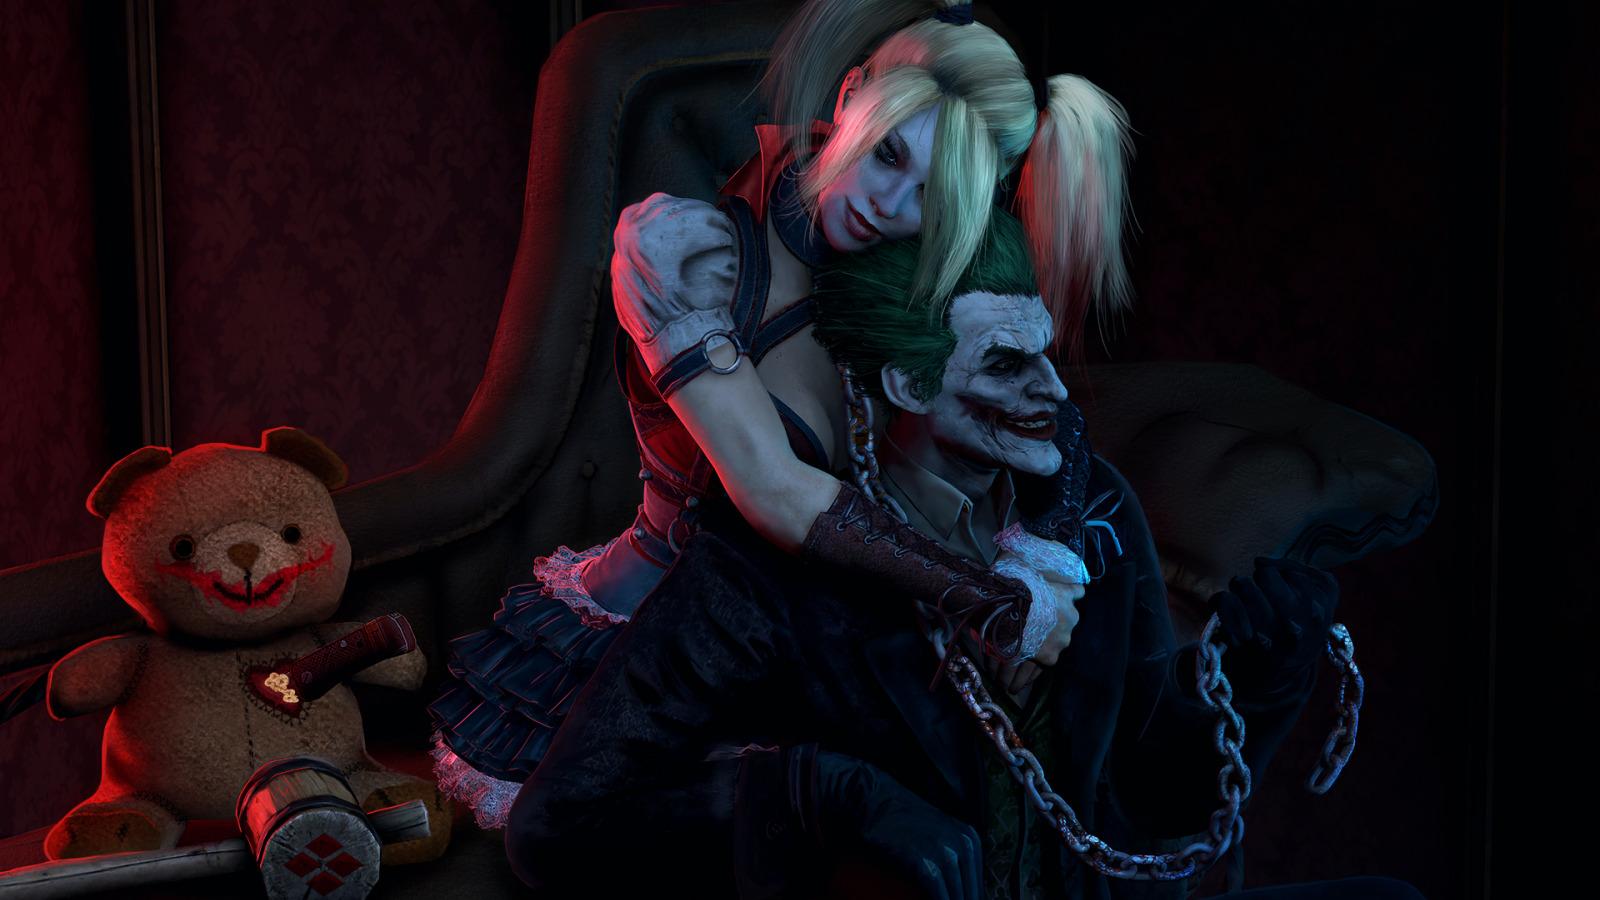 Download Wallpaper Chain Villain Joker Harley Quinn Dc Comics